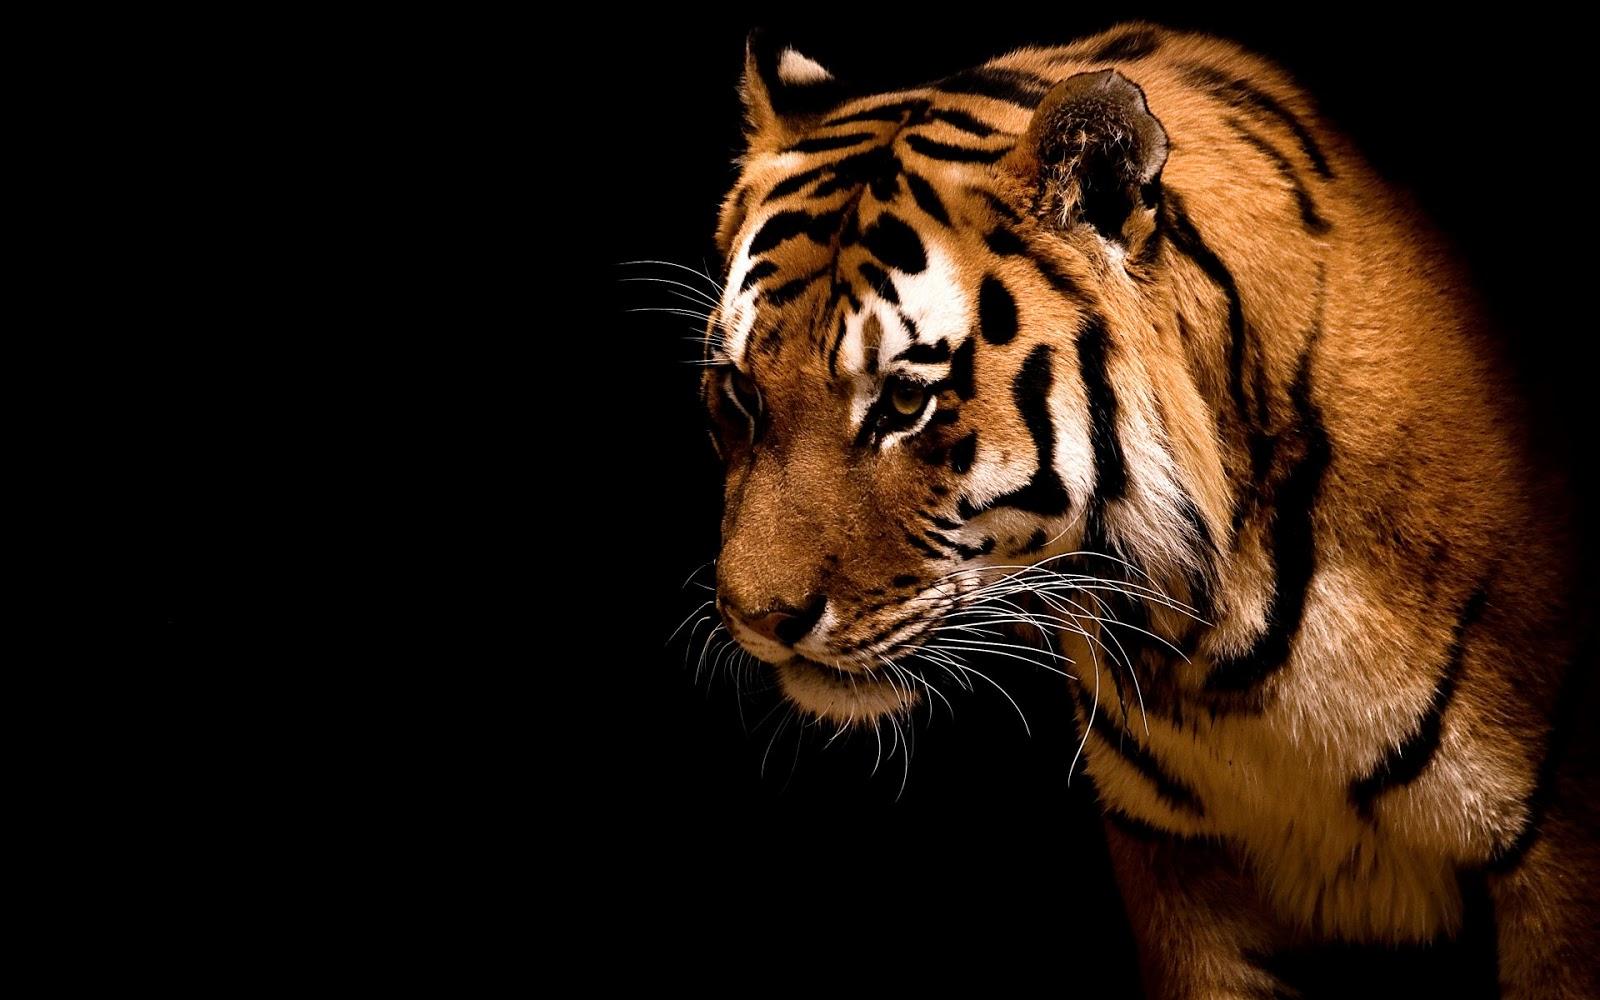 Mac Tiger Wallpaper Save tigers now just 1411 1600x1000